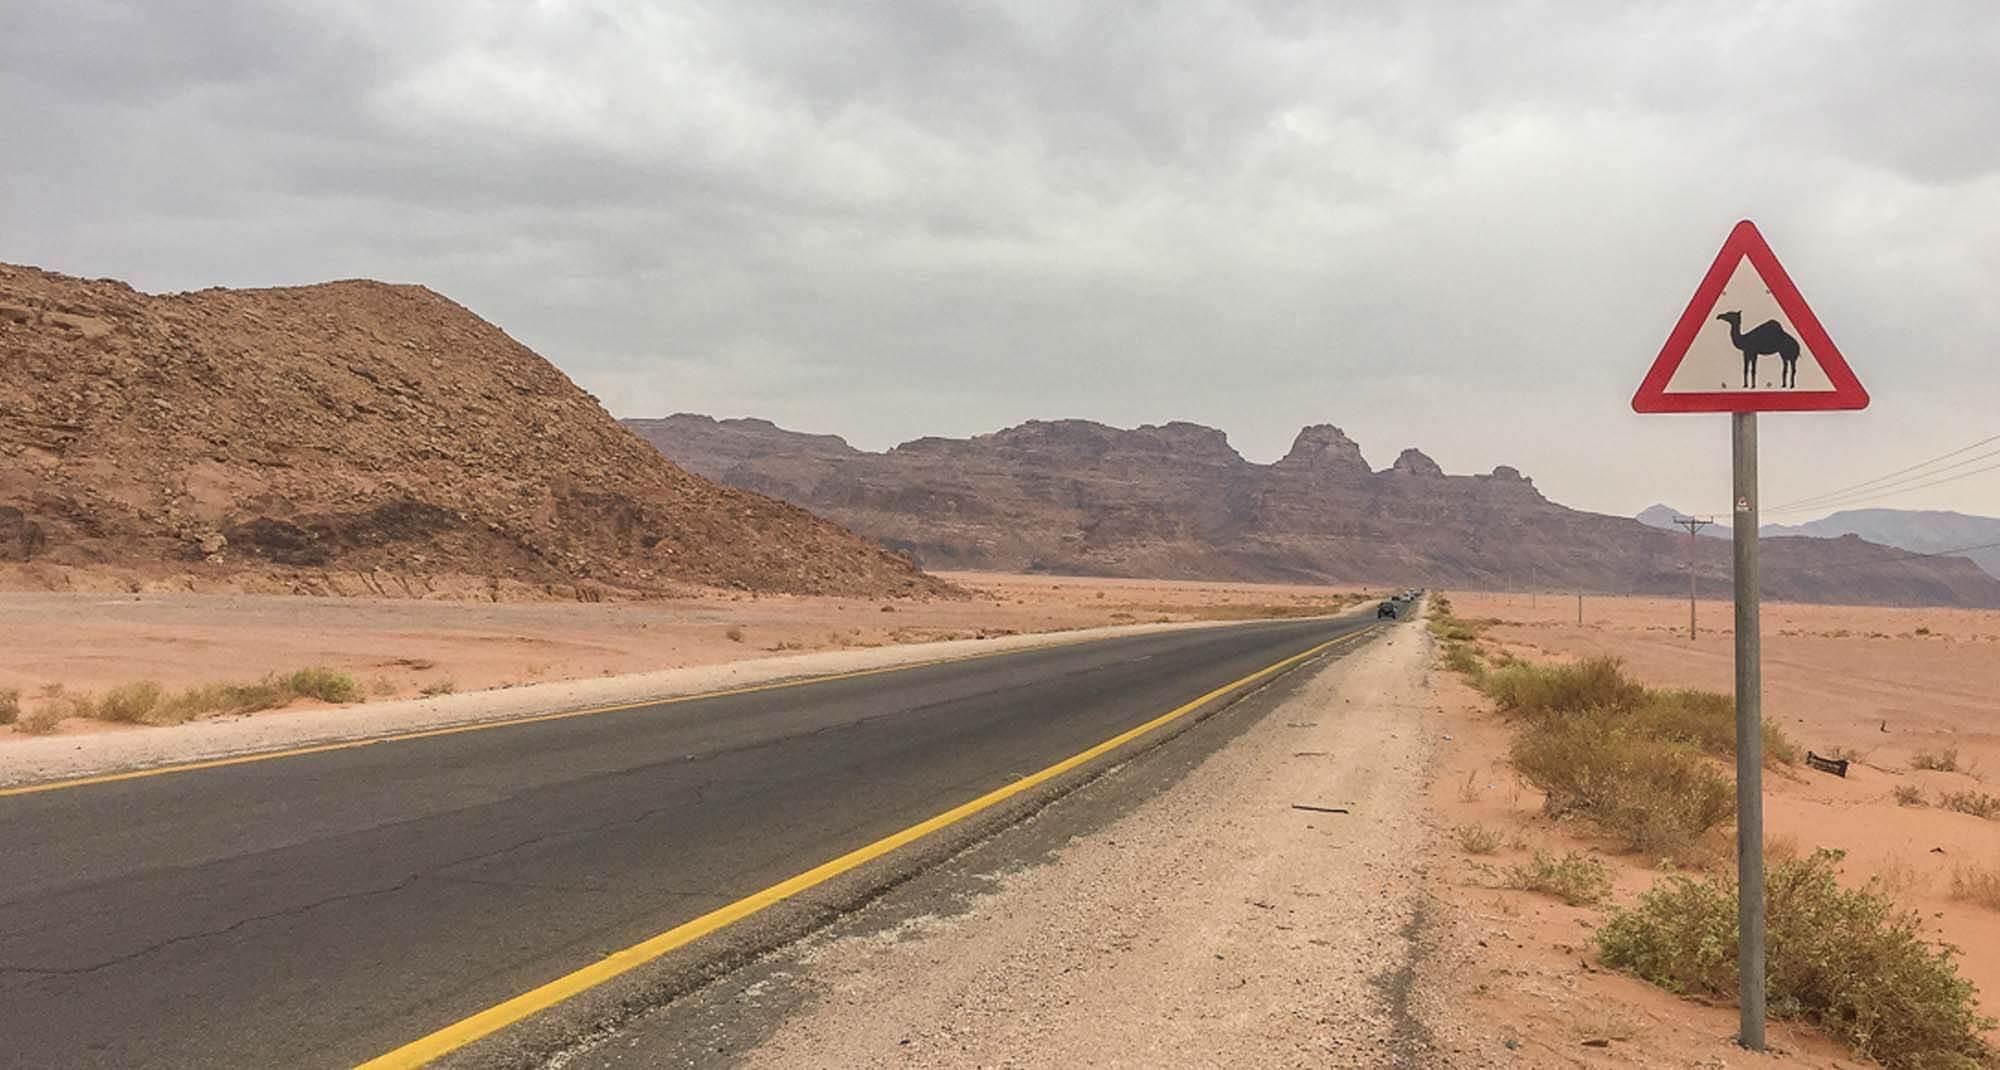 A desert road in Jordan